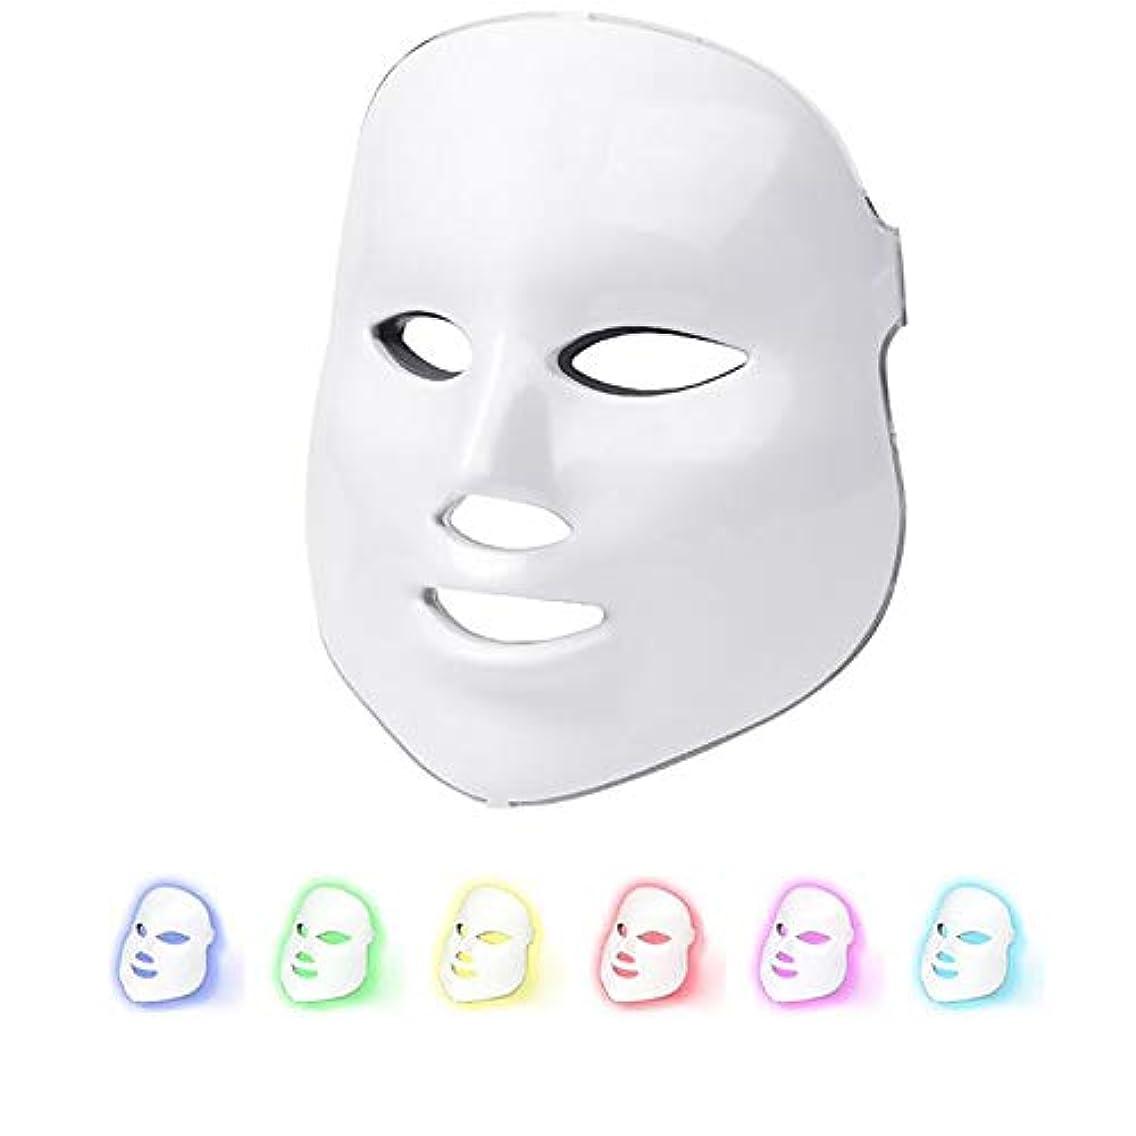 受信逸話模索ライトセラピーマスク、7色LEDフェイスマスク、アンチエイジングファーミングスキン改善、健康な肌の若返り